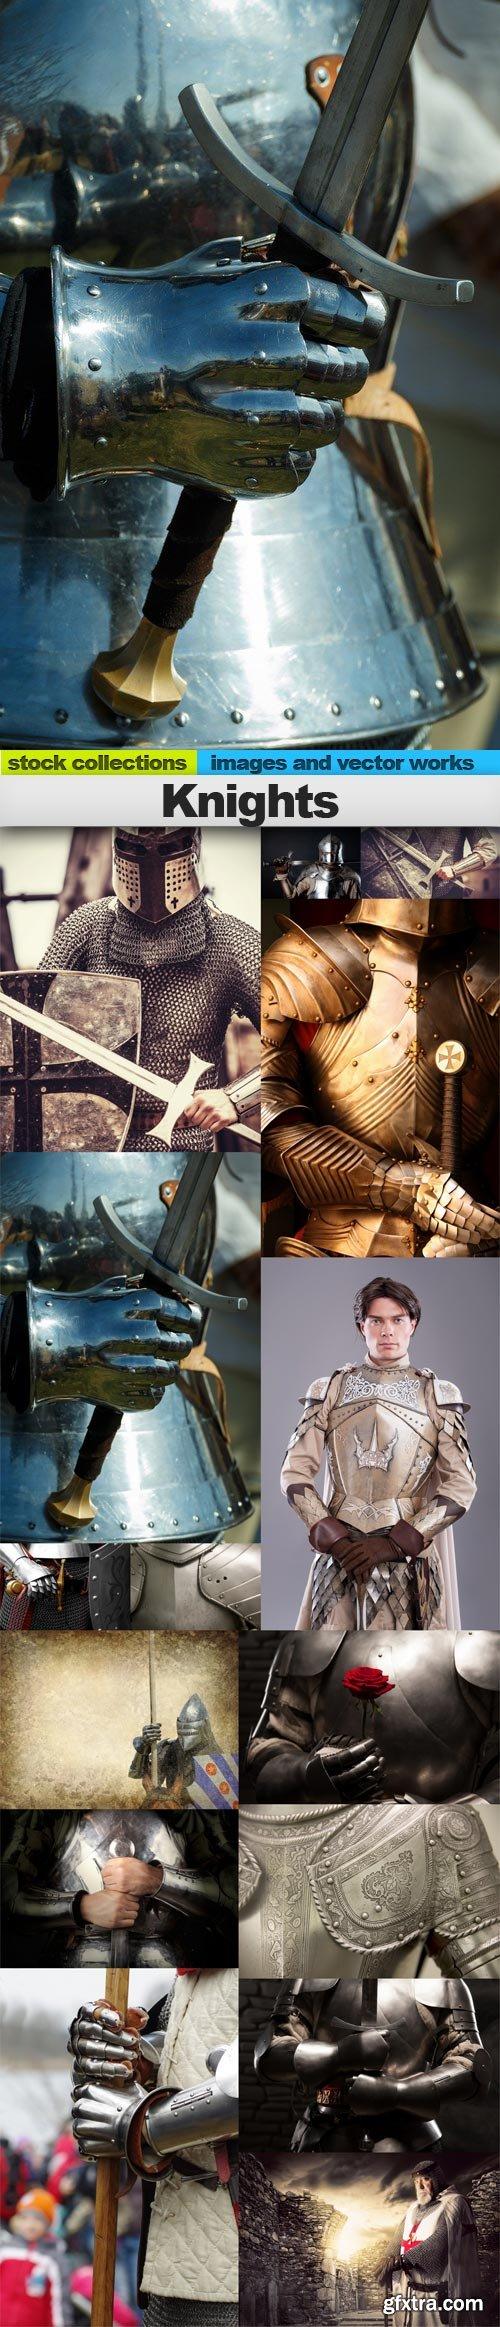 Knights, 15 x UHQ JPEG